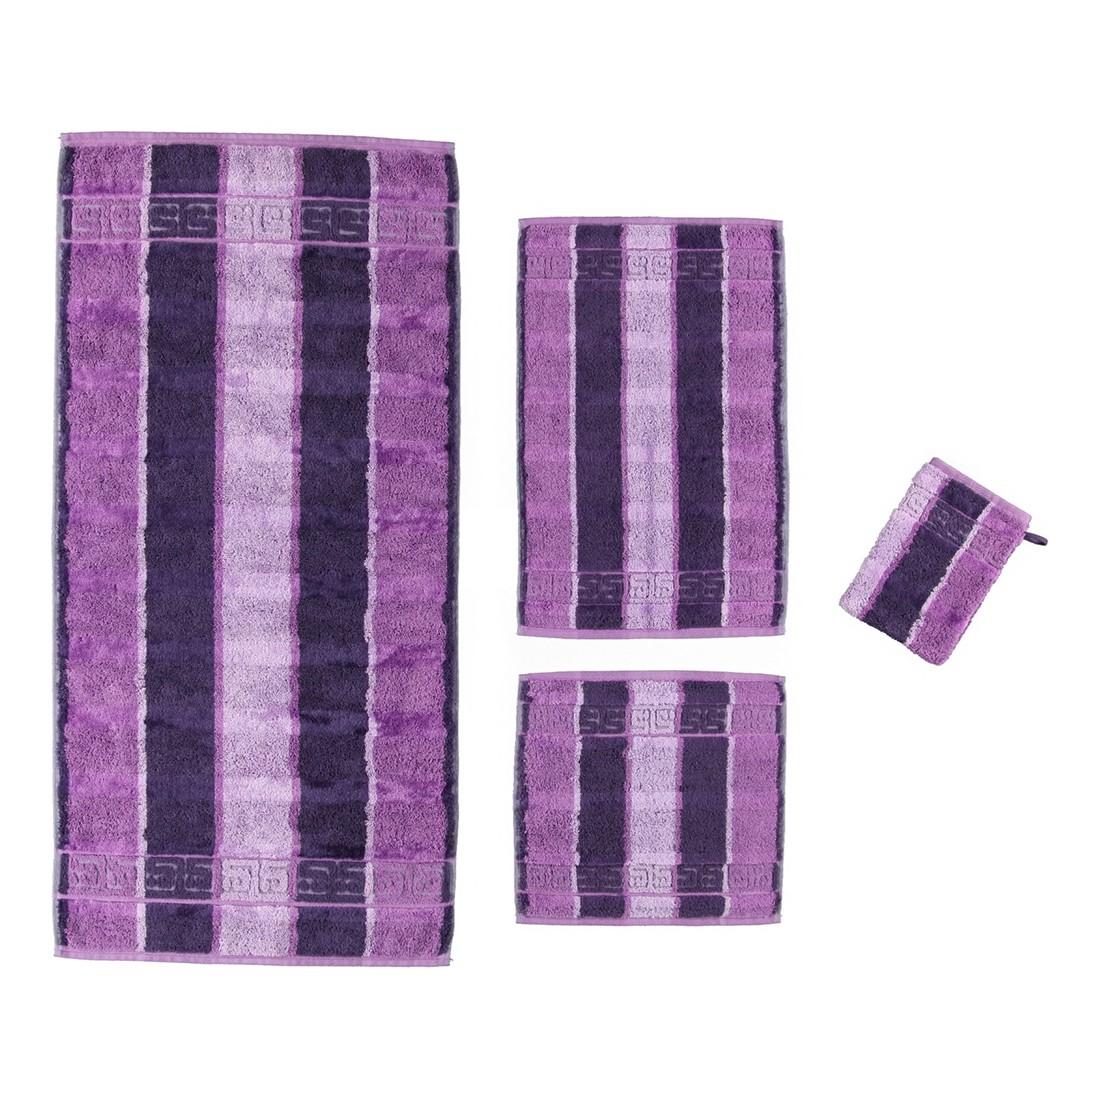 Handtuch Noblesse Streifen – 100% Baumwolle lila – 88 – Waschhandschuh: 16 x 22 cm, Cawö günstig kaufen